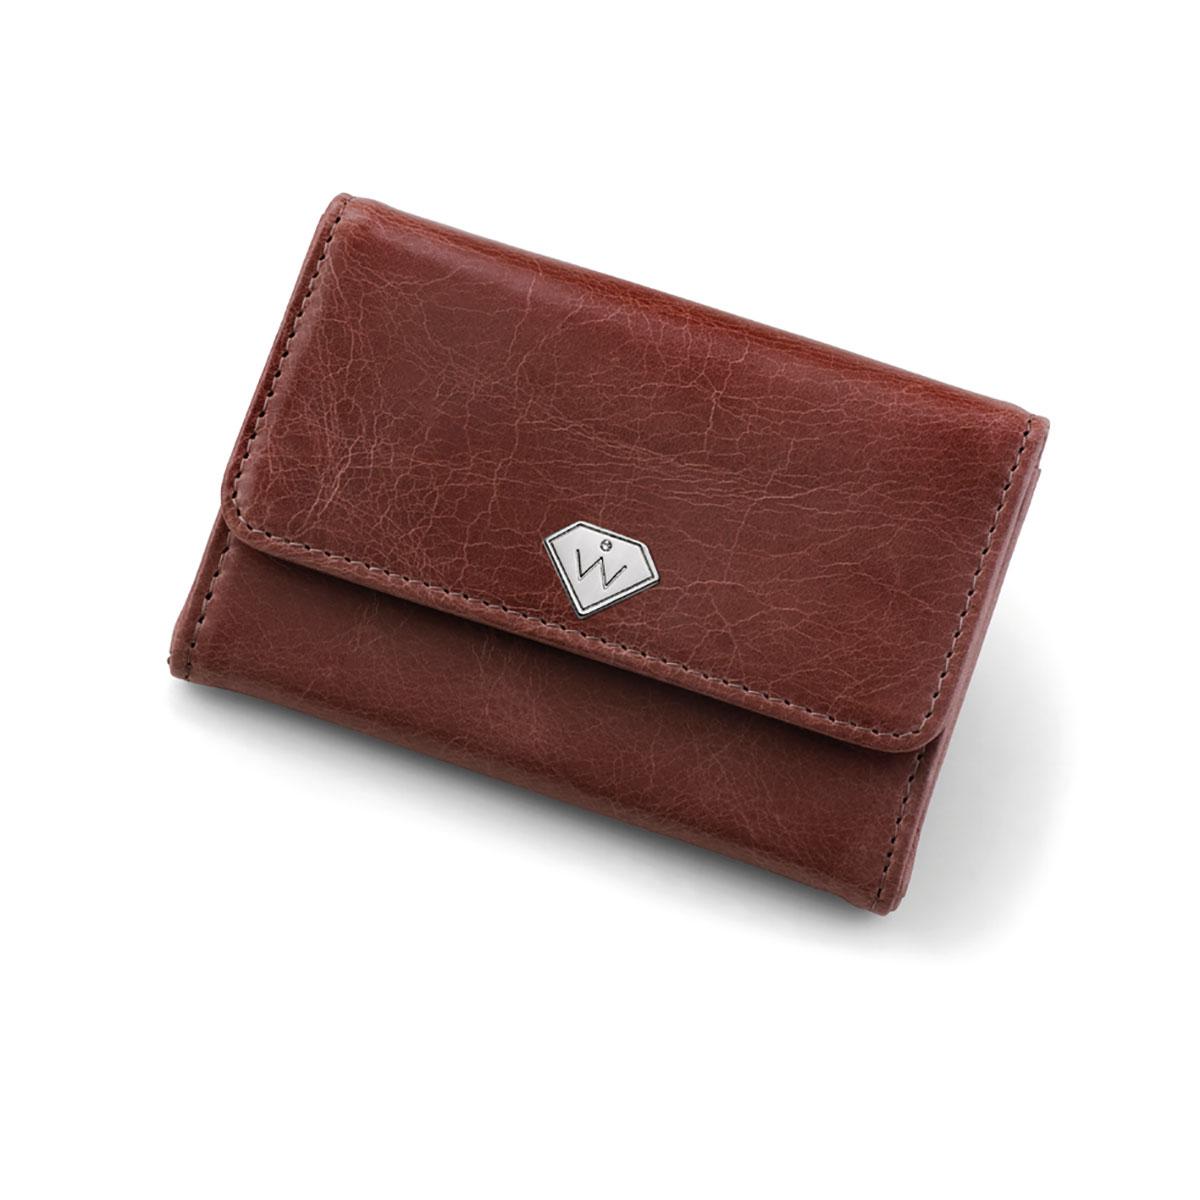 کیف پول و کلید مدل همراه (رز)